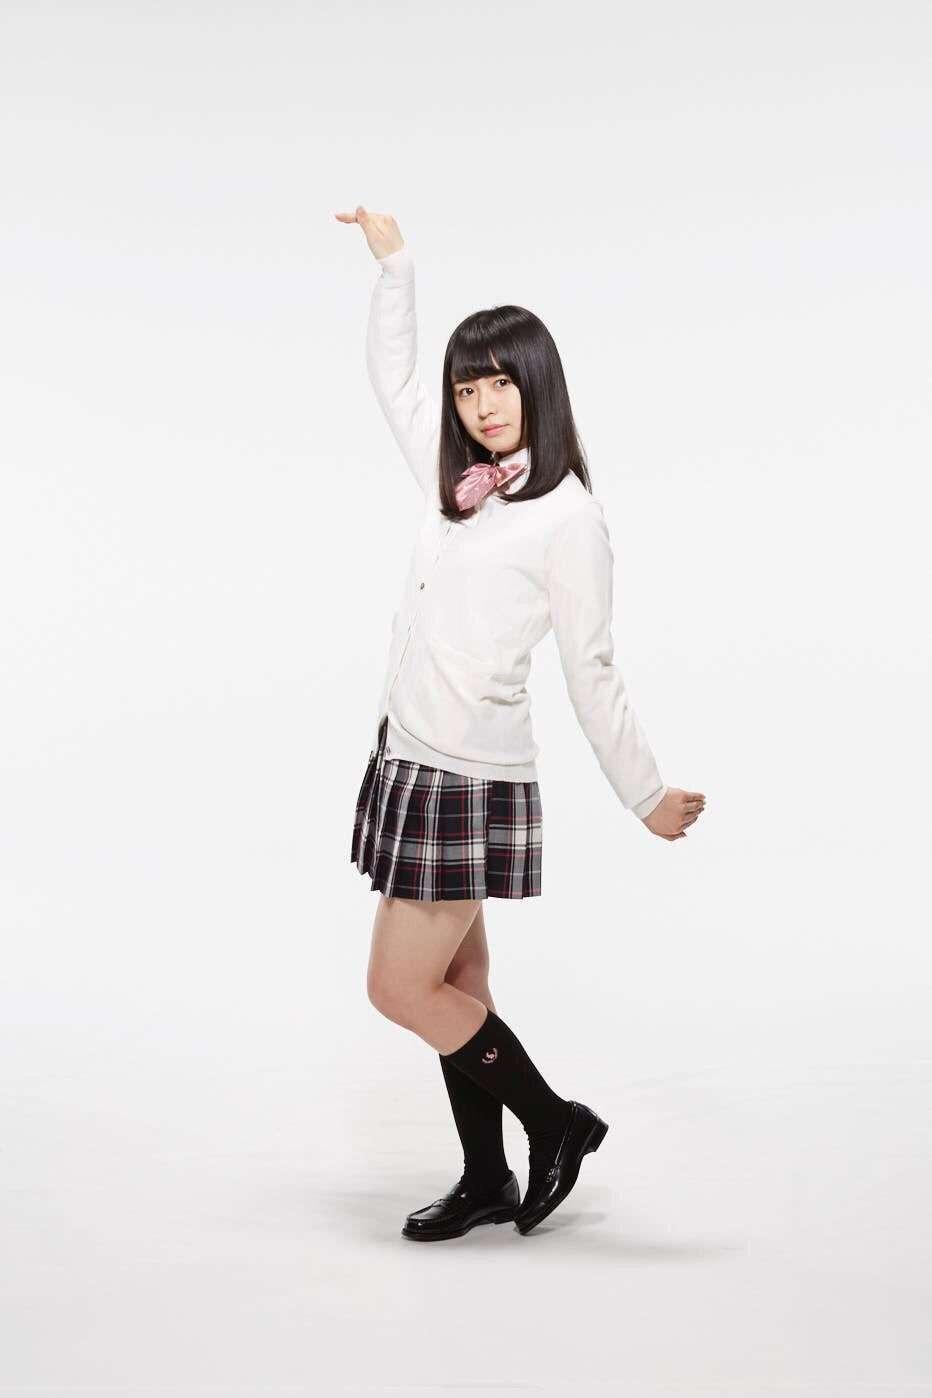 欅坂46を語りたい!